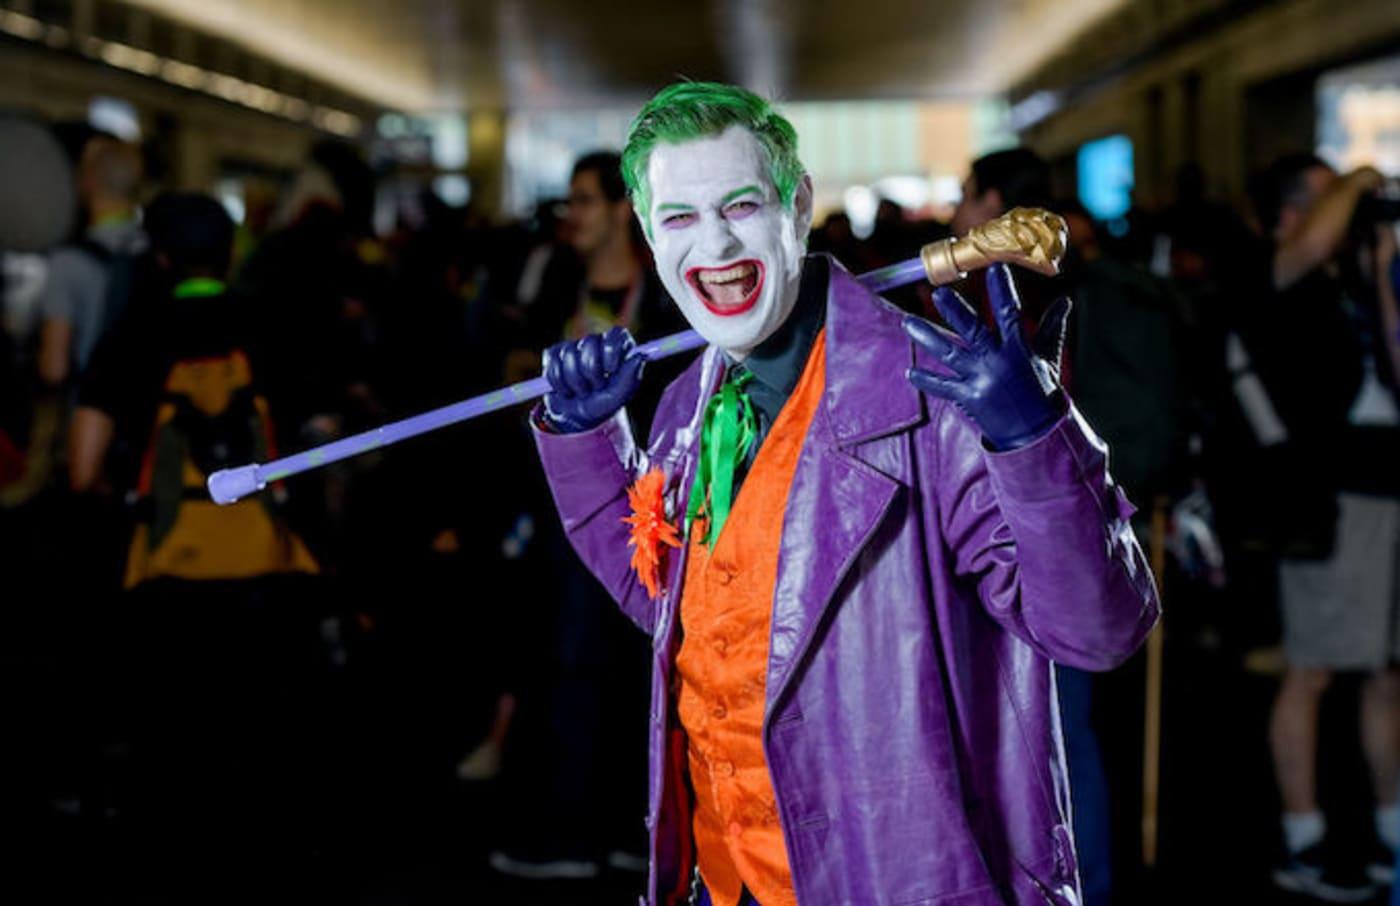 Joker LA highway